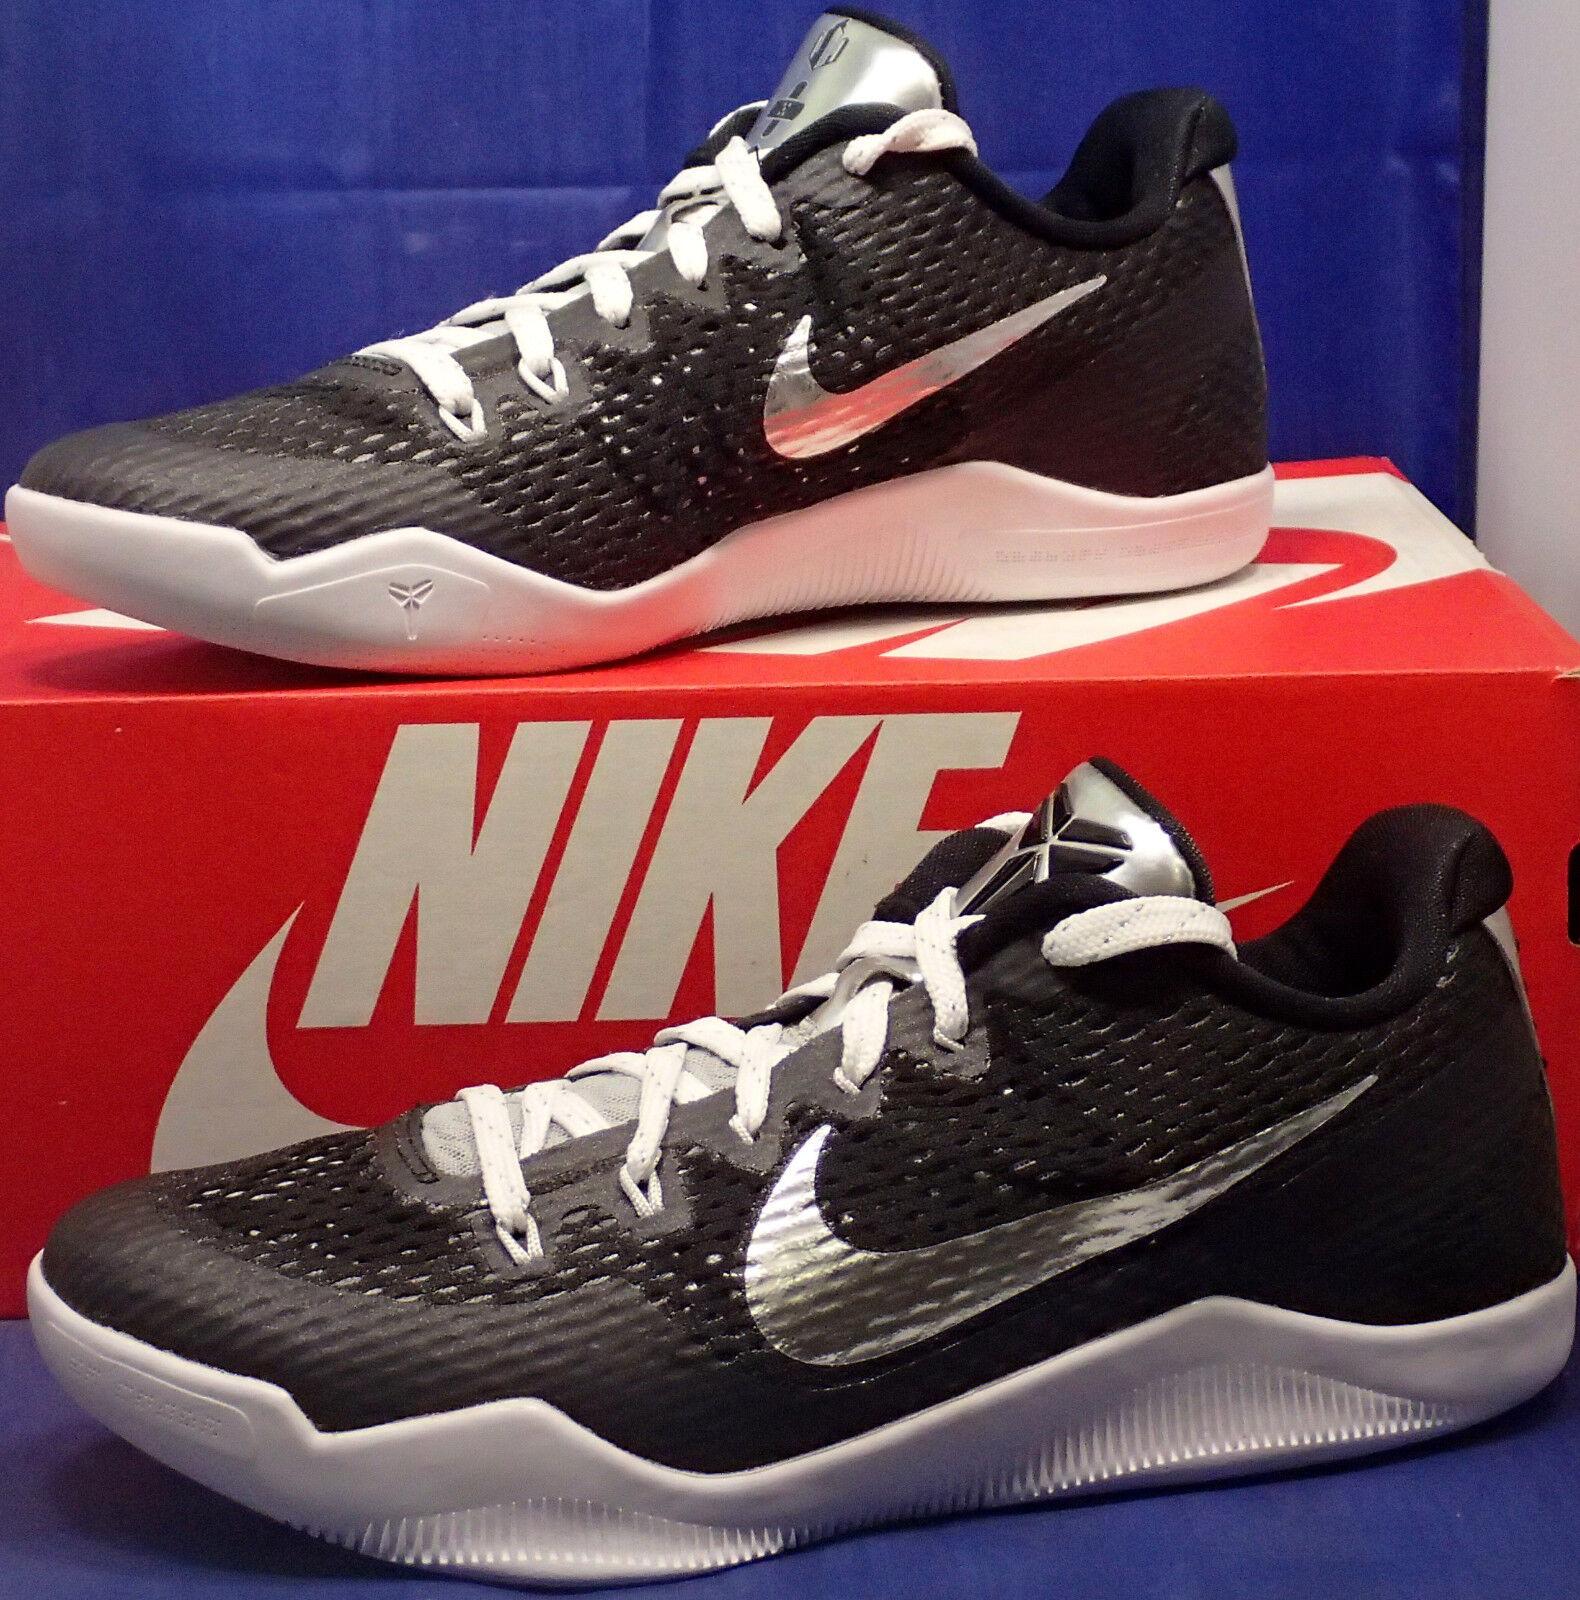 Nike Kobe XI 11 Mamba día QS id Negro Blanco último Metallic Plata reducción de precios el último Blanco descuento zapatos para hombres y mujeres a02c25